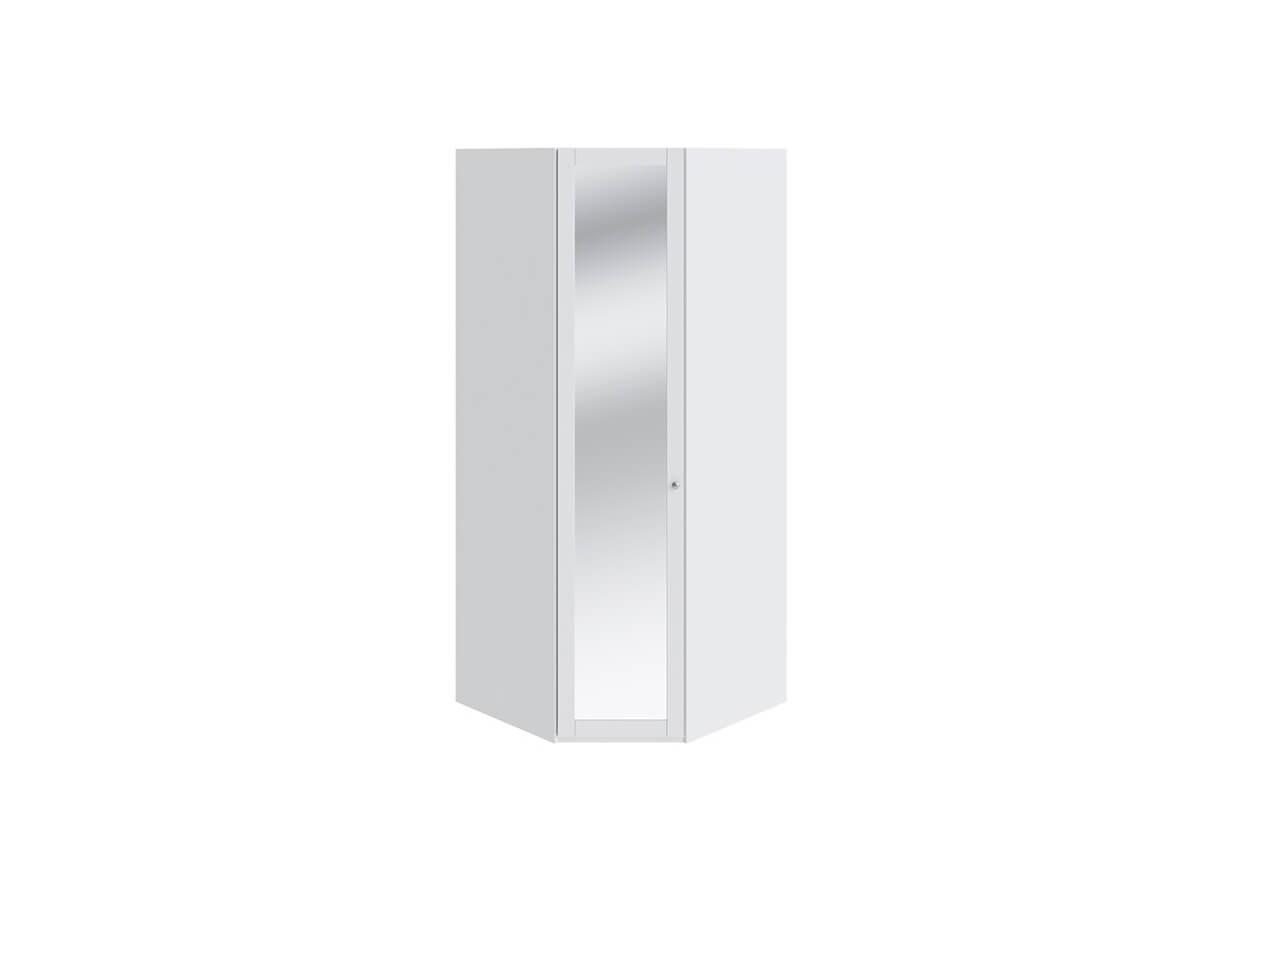 Шкаф угловой с 1-ой дверью с зеркалом Ривьера СМ 241-23-003 764х764х2111